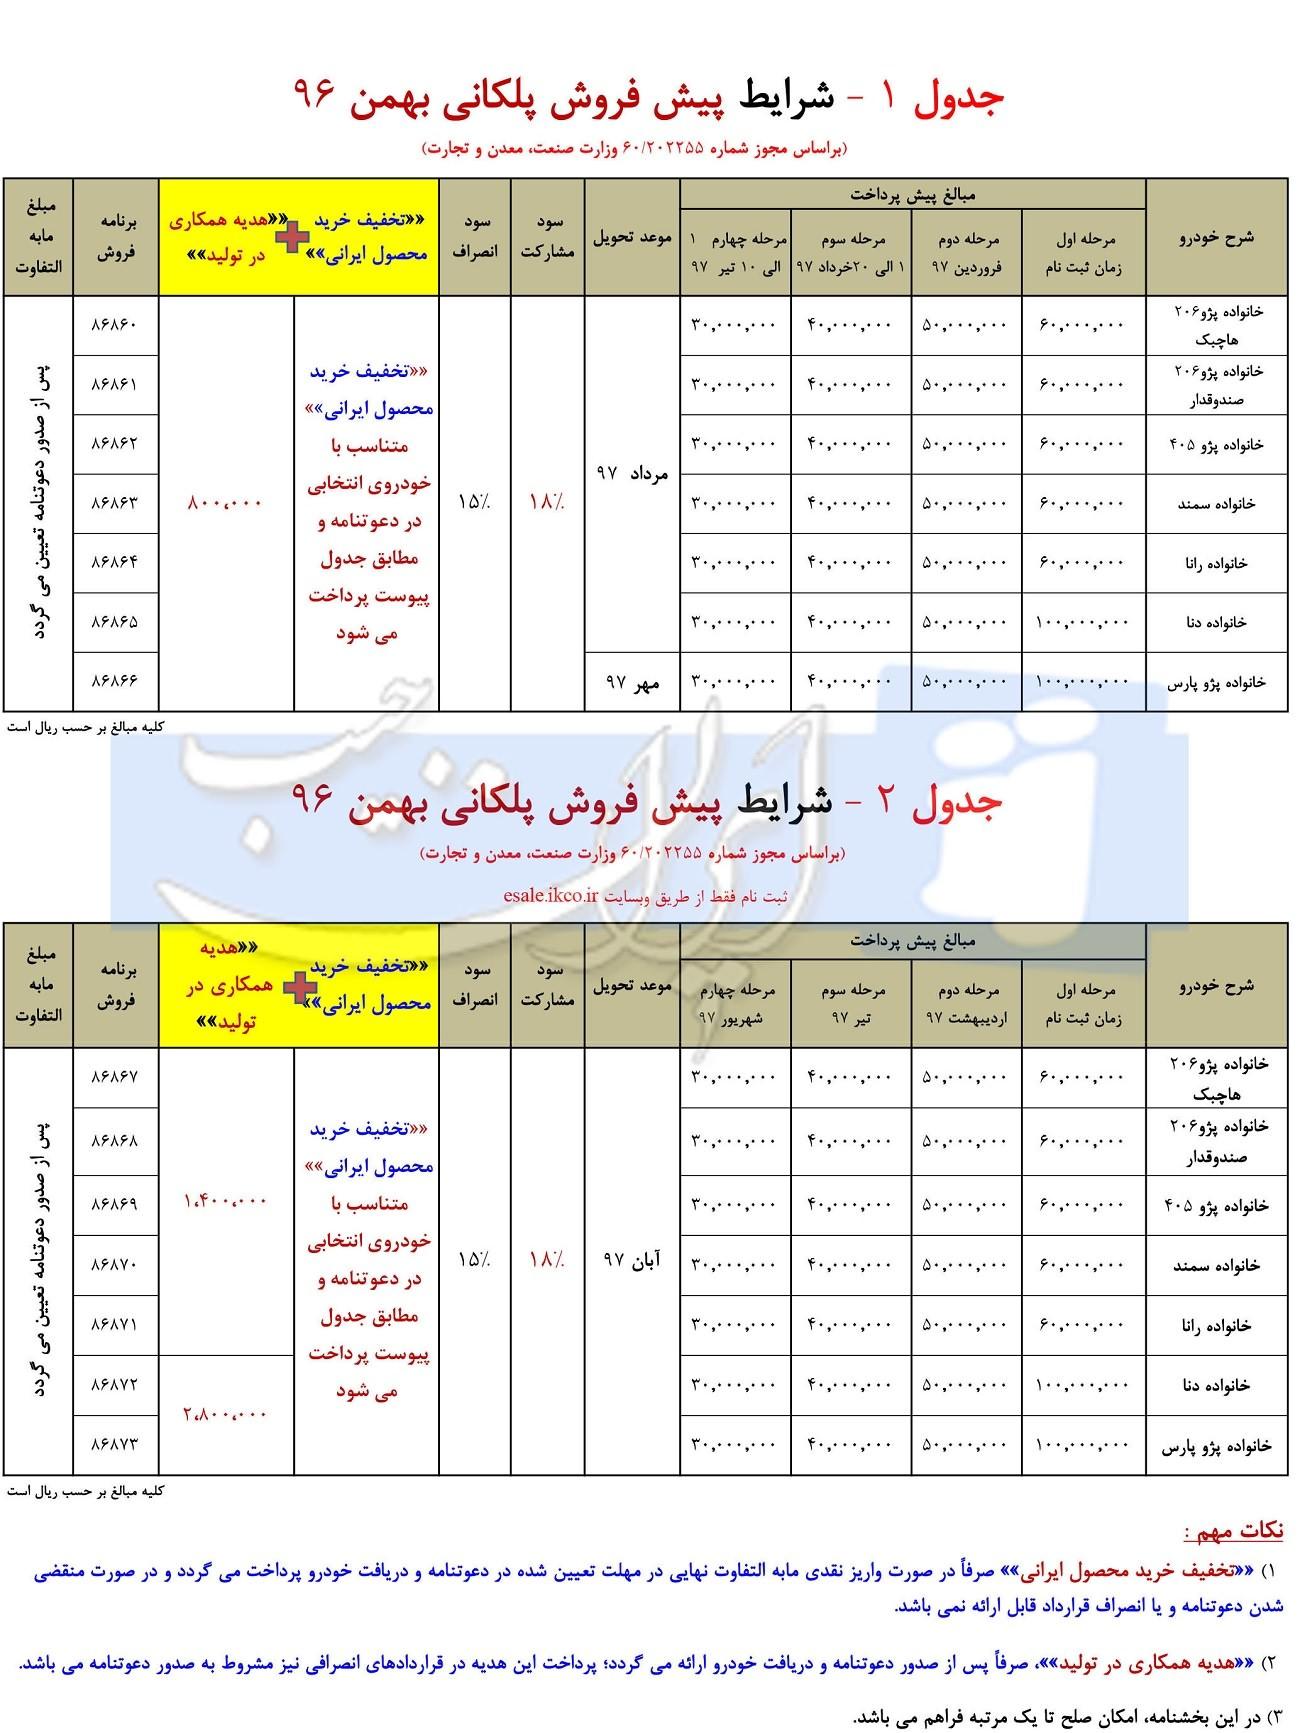 شرایط جدید پیشفروش پلکانی محصولات ایران خودرو/ بهمن 96